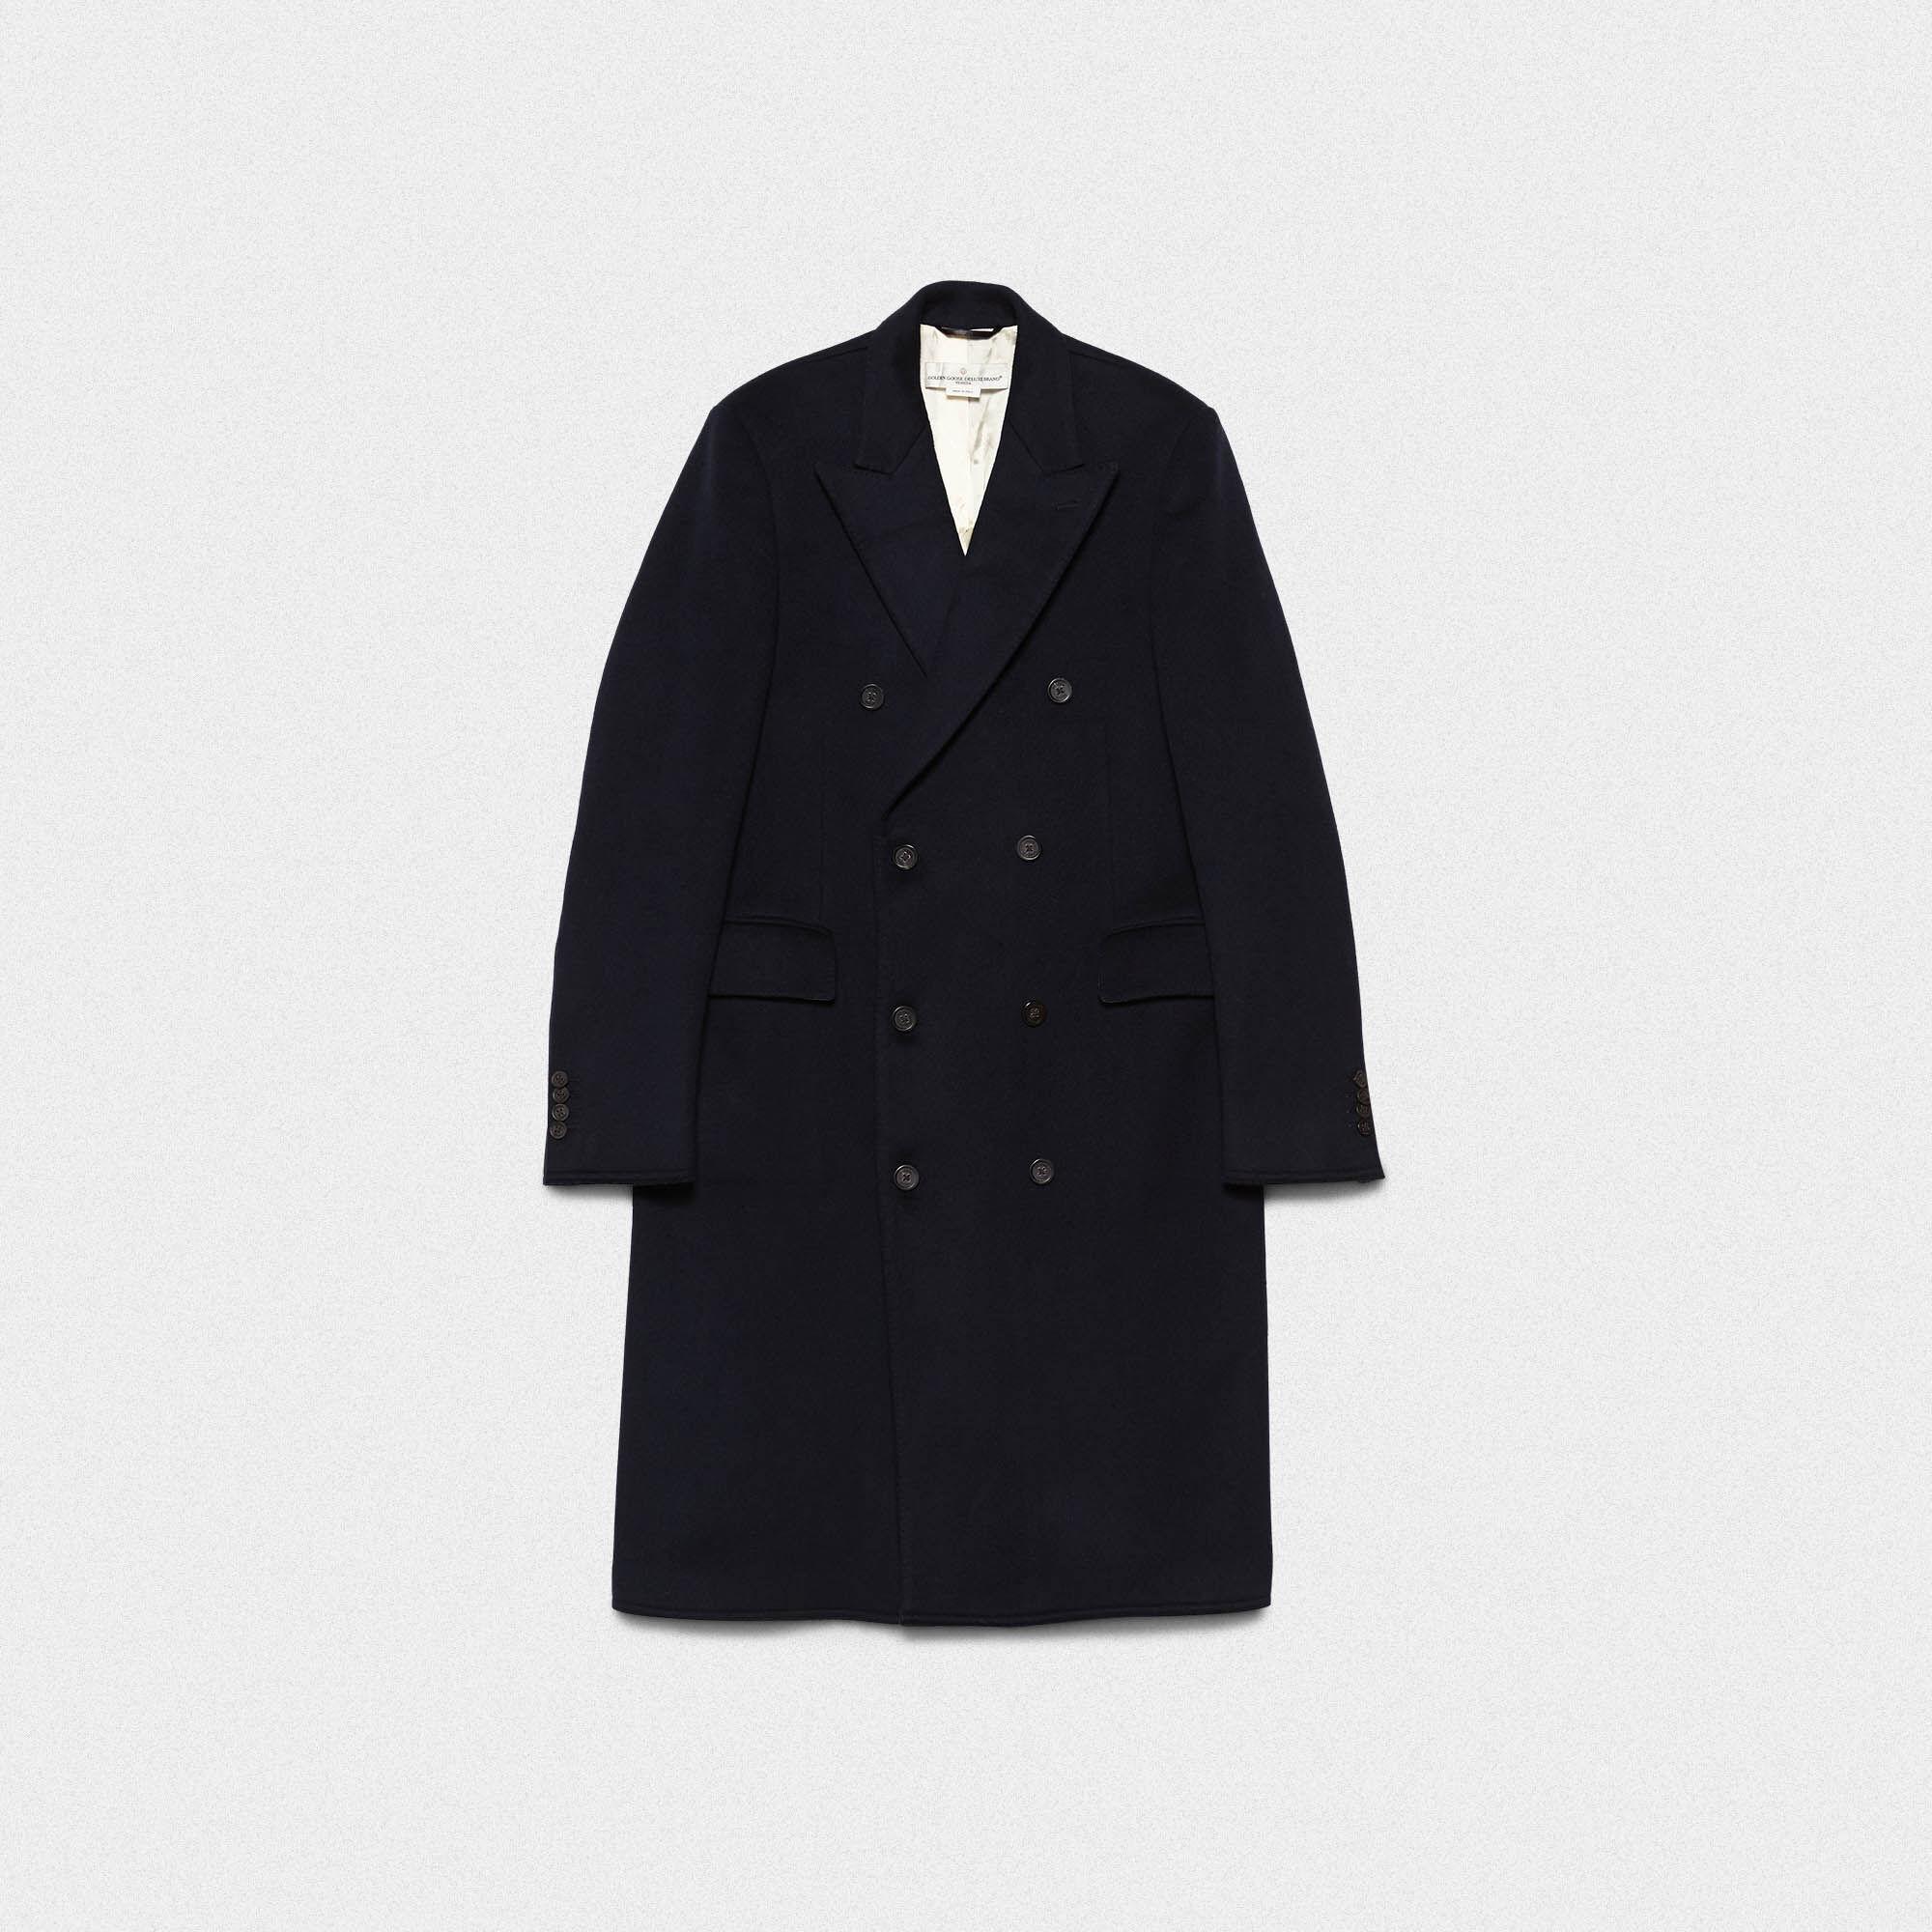 Goose VestesGolden Brand Manteauxamp; Deluxe Homme Vêtements ZPwXiuTOkl